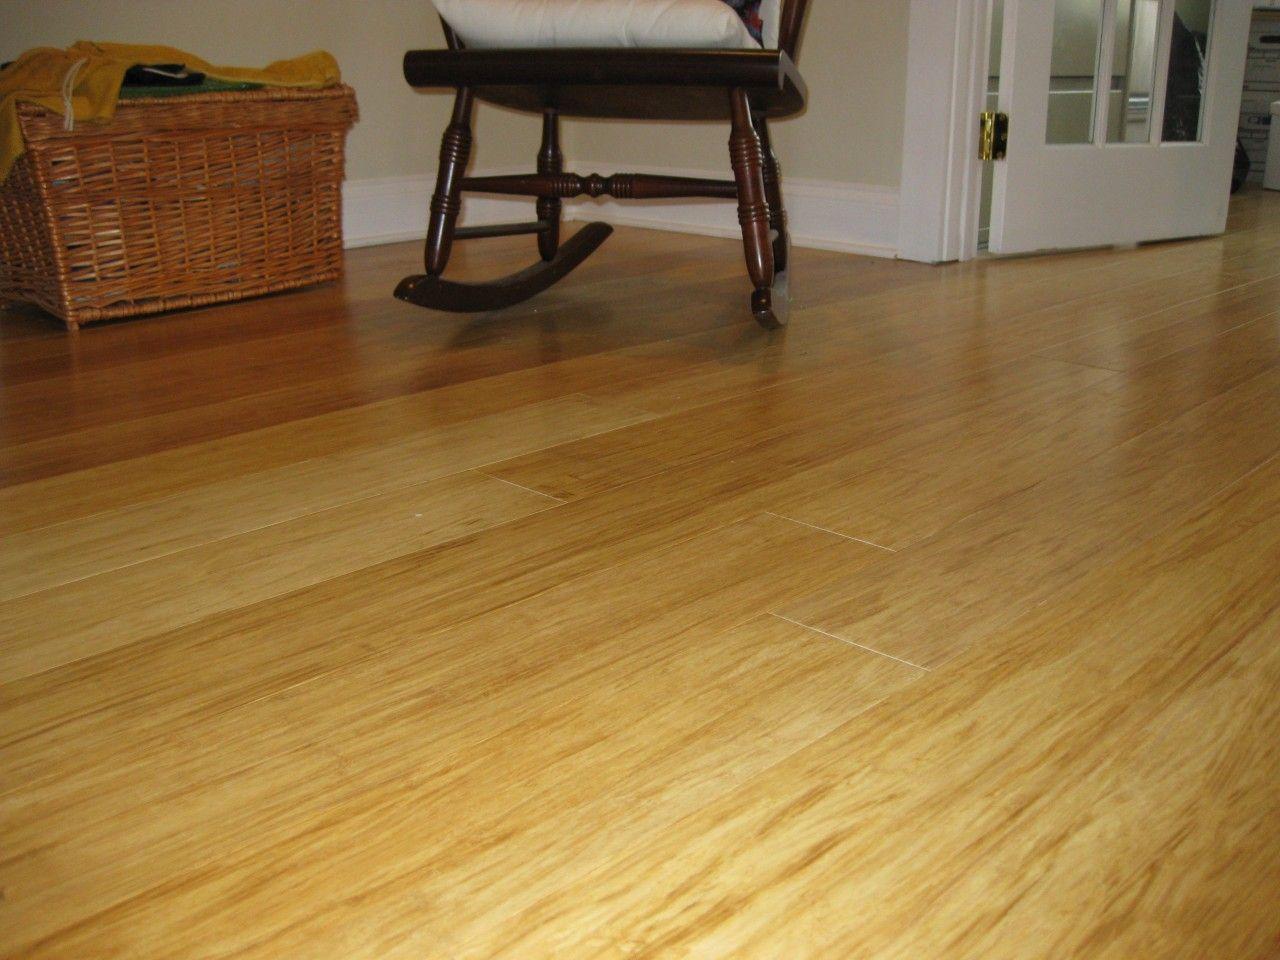 Bamboo Floor Remodel